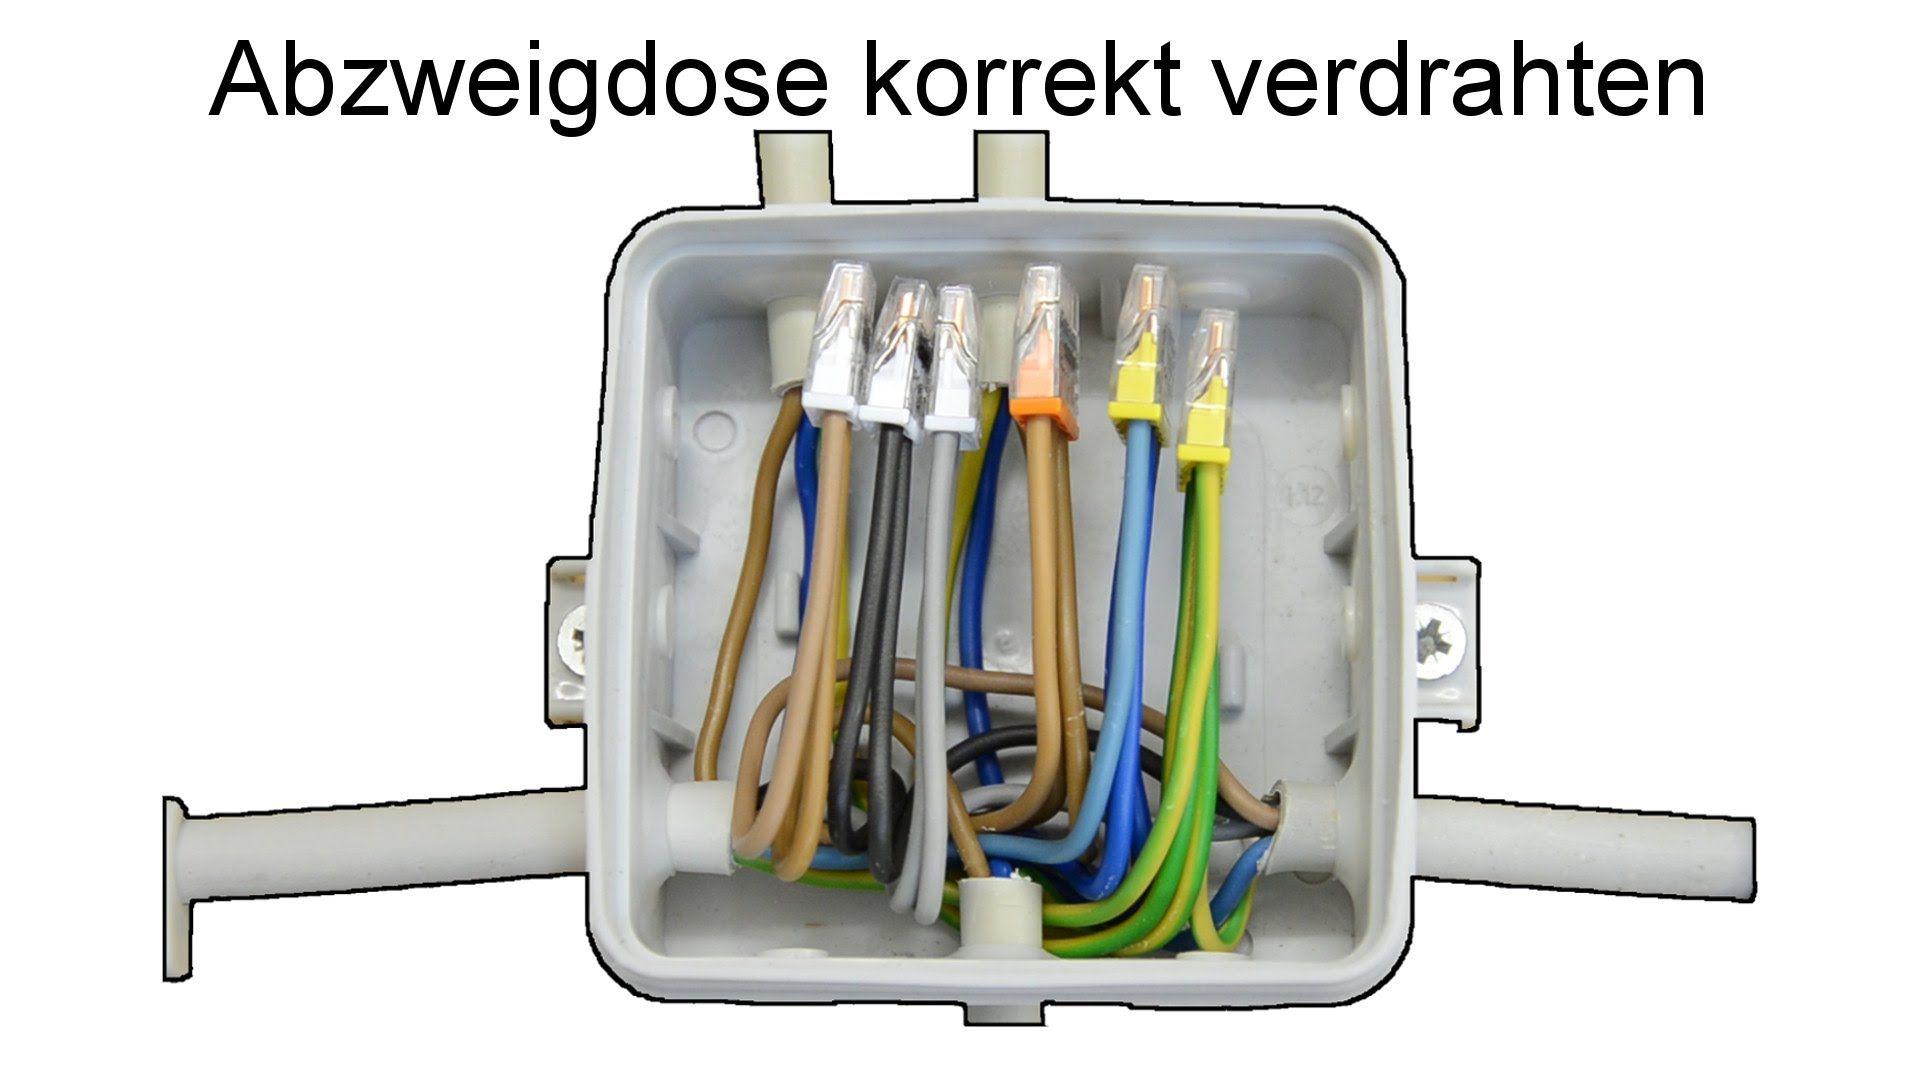 Netzwerkkabel Selber Machen : abzweigdose installieren und verdrahten interior elektroinstallation selber machen ~ Watch28wear.com Haus und Dekorationen